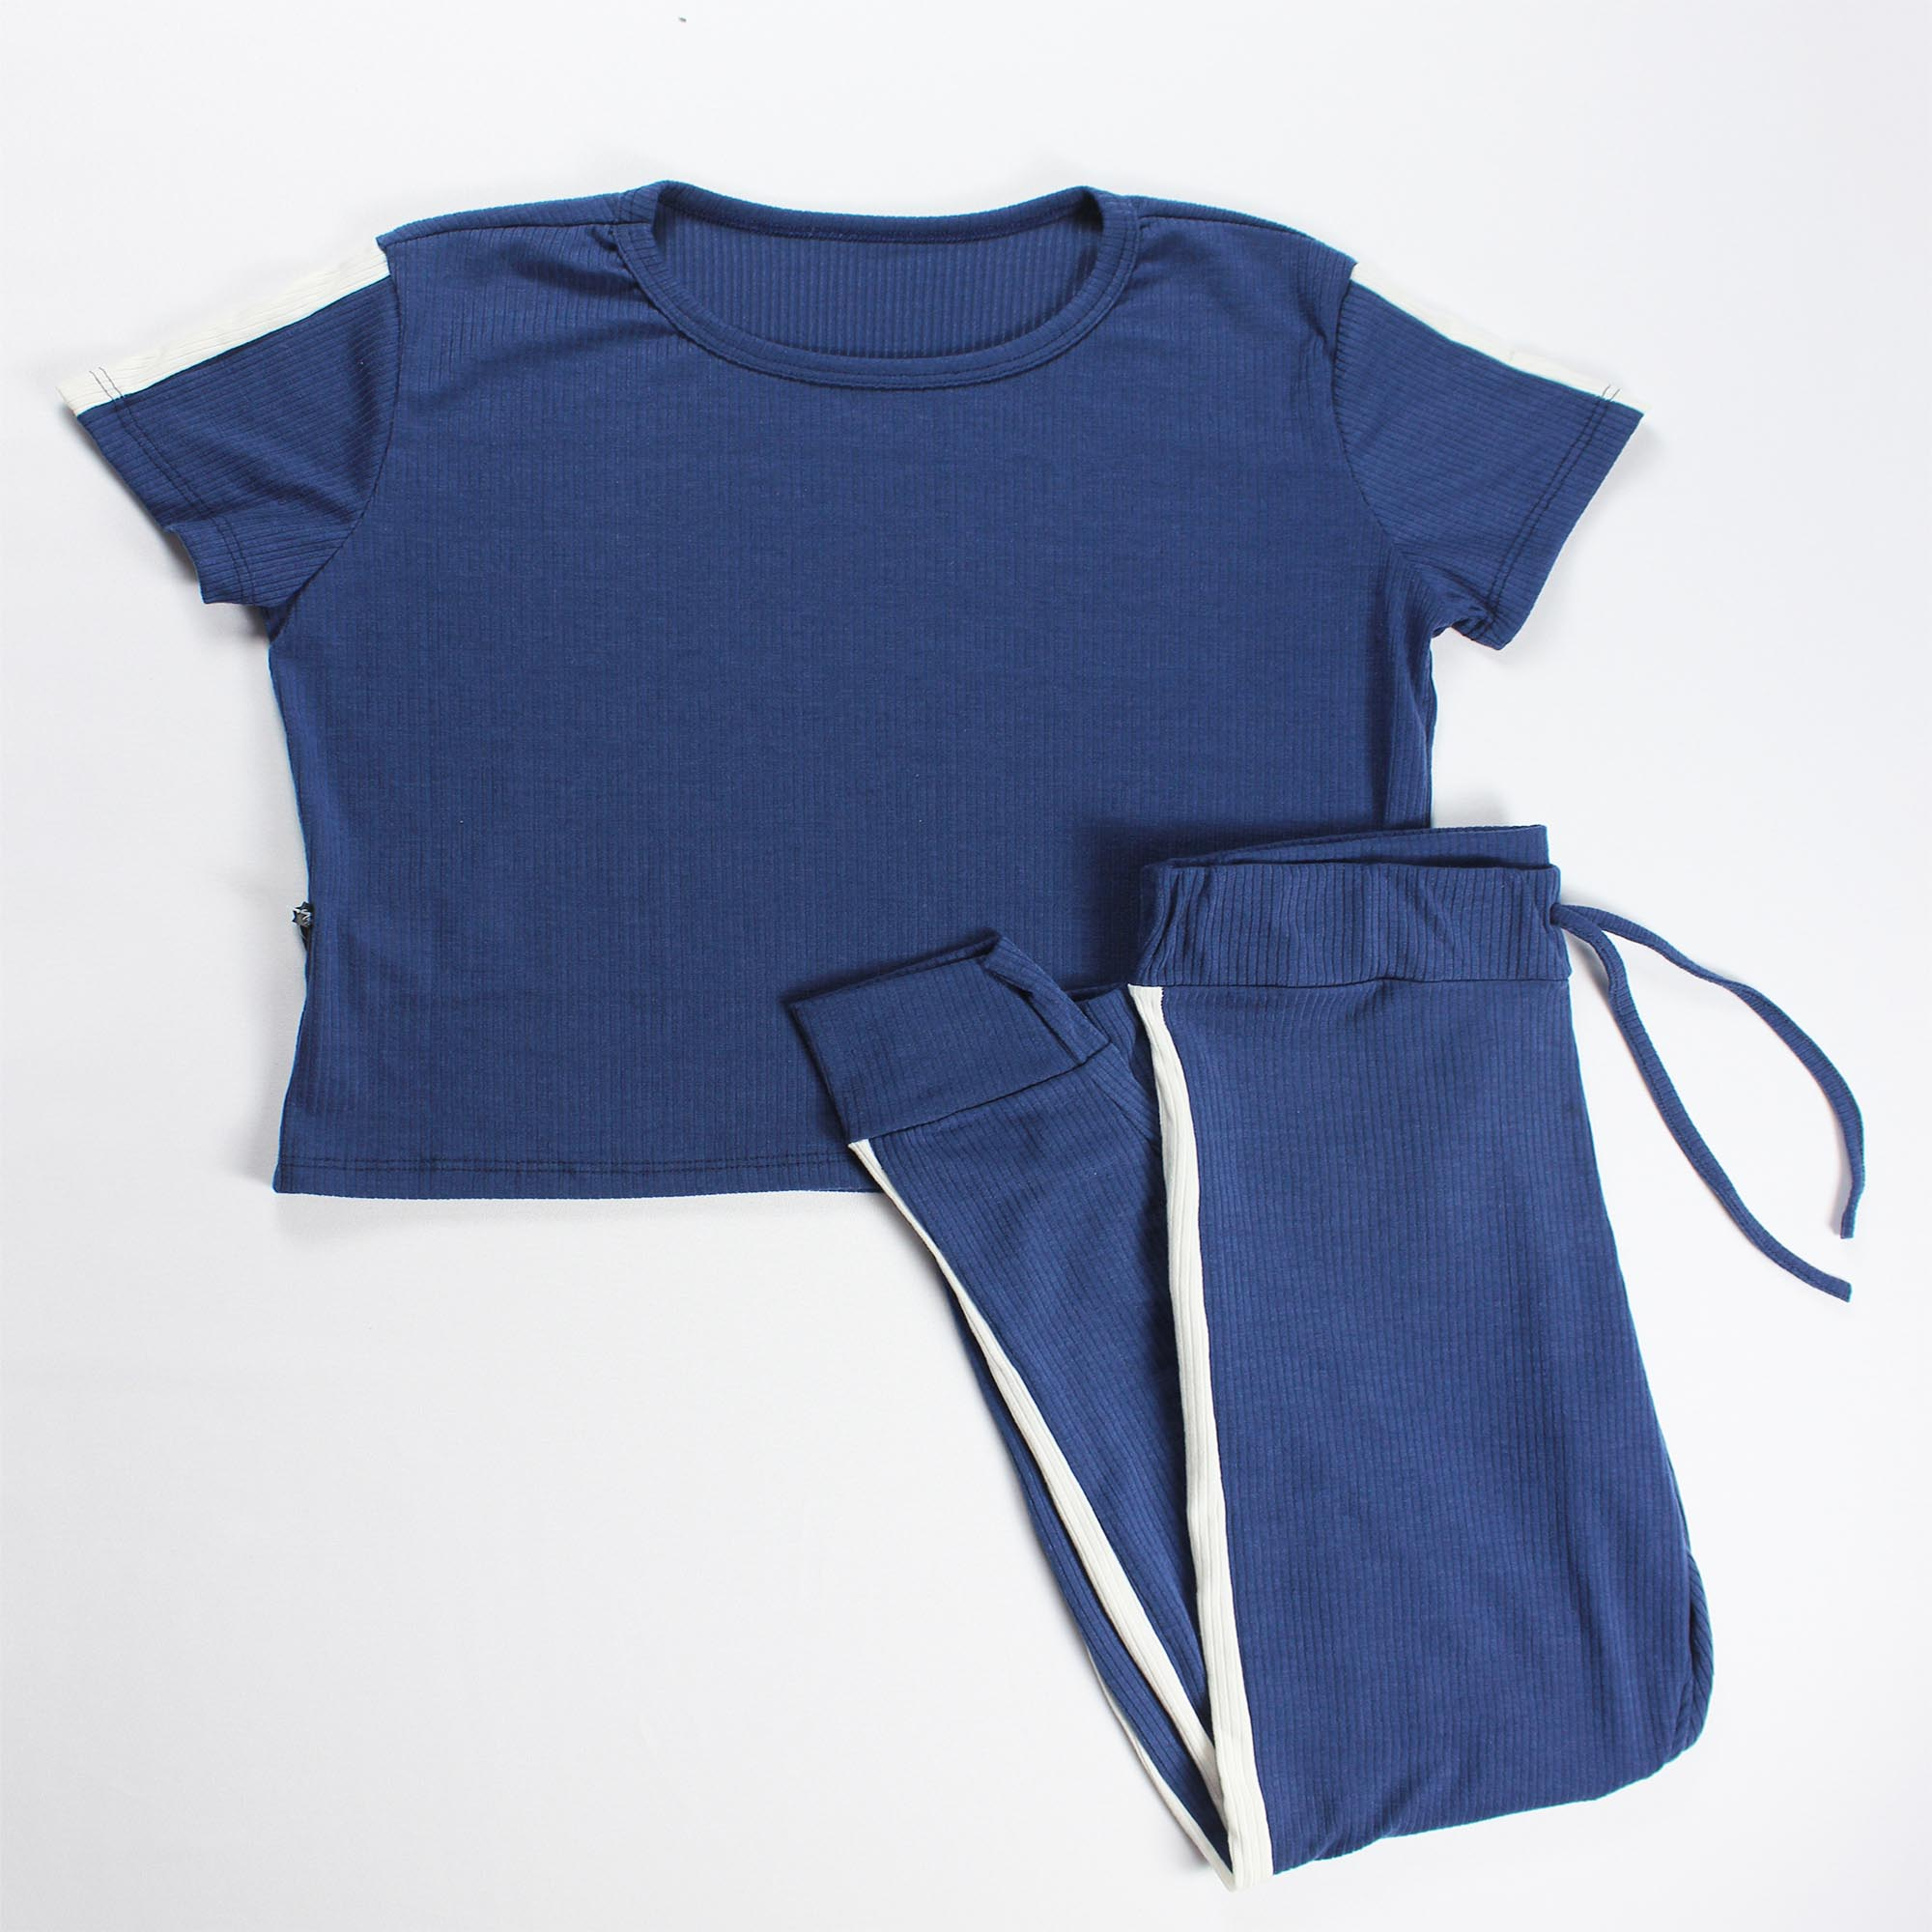 Conjunto Blusa e Calça Detalhe Faixa Feminino - Azul Marinho